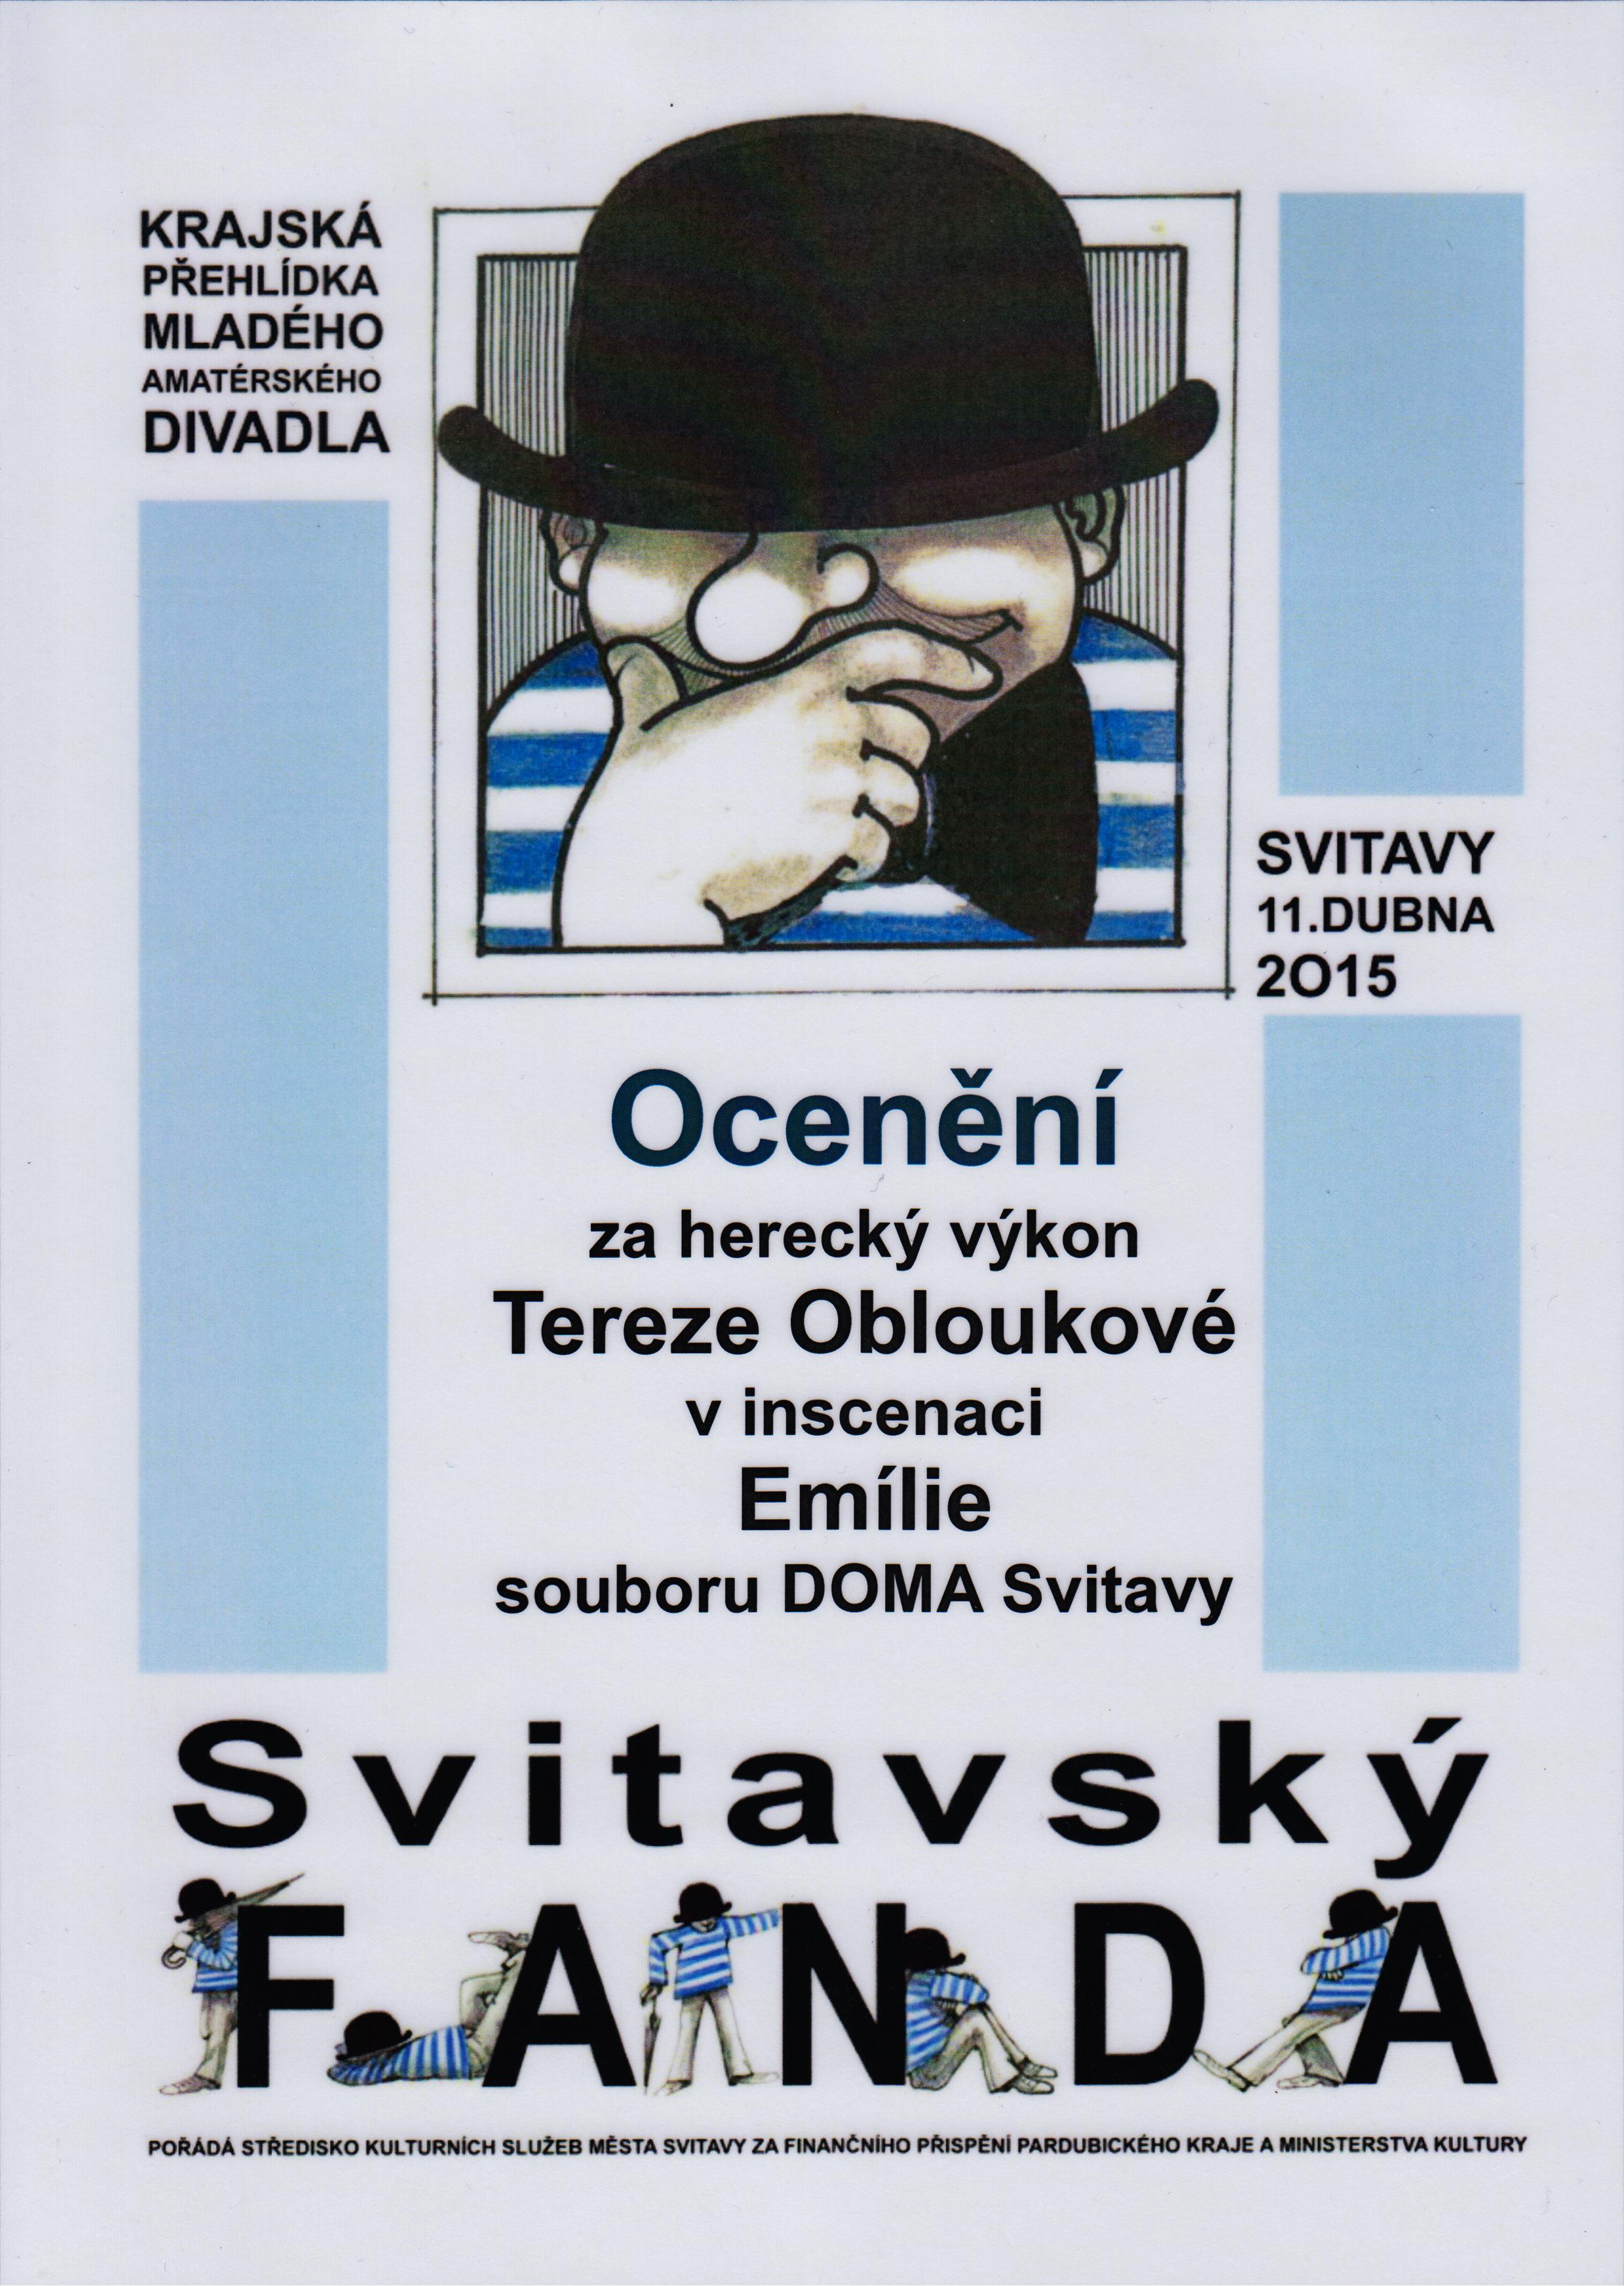 ocenění za herecký výkon Terezy Obloukové